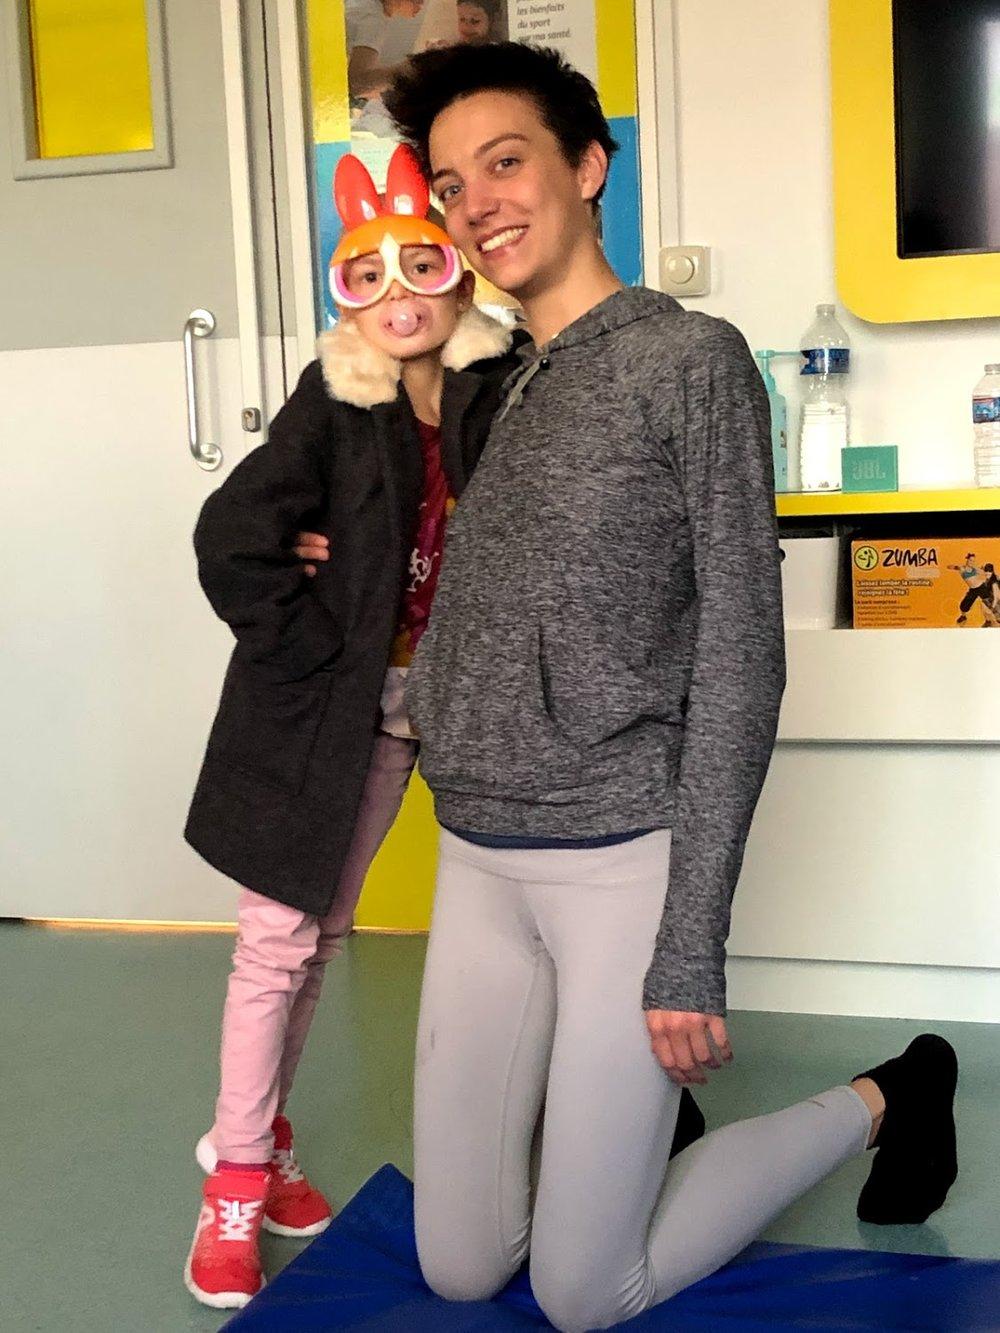 Lola et Charlotte à l'hôpital pour enfants La Timone à Marseille. Tous les mercredis, nous rendions visite à Lola et aux autres enfants pour leur partager des pratiques de méditation, visualisation et respiration. L'enthousiasme de cette petite fille était édifiant.